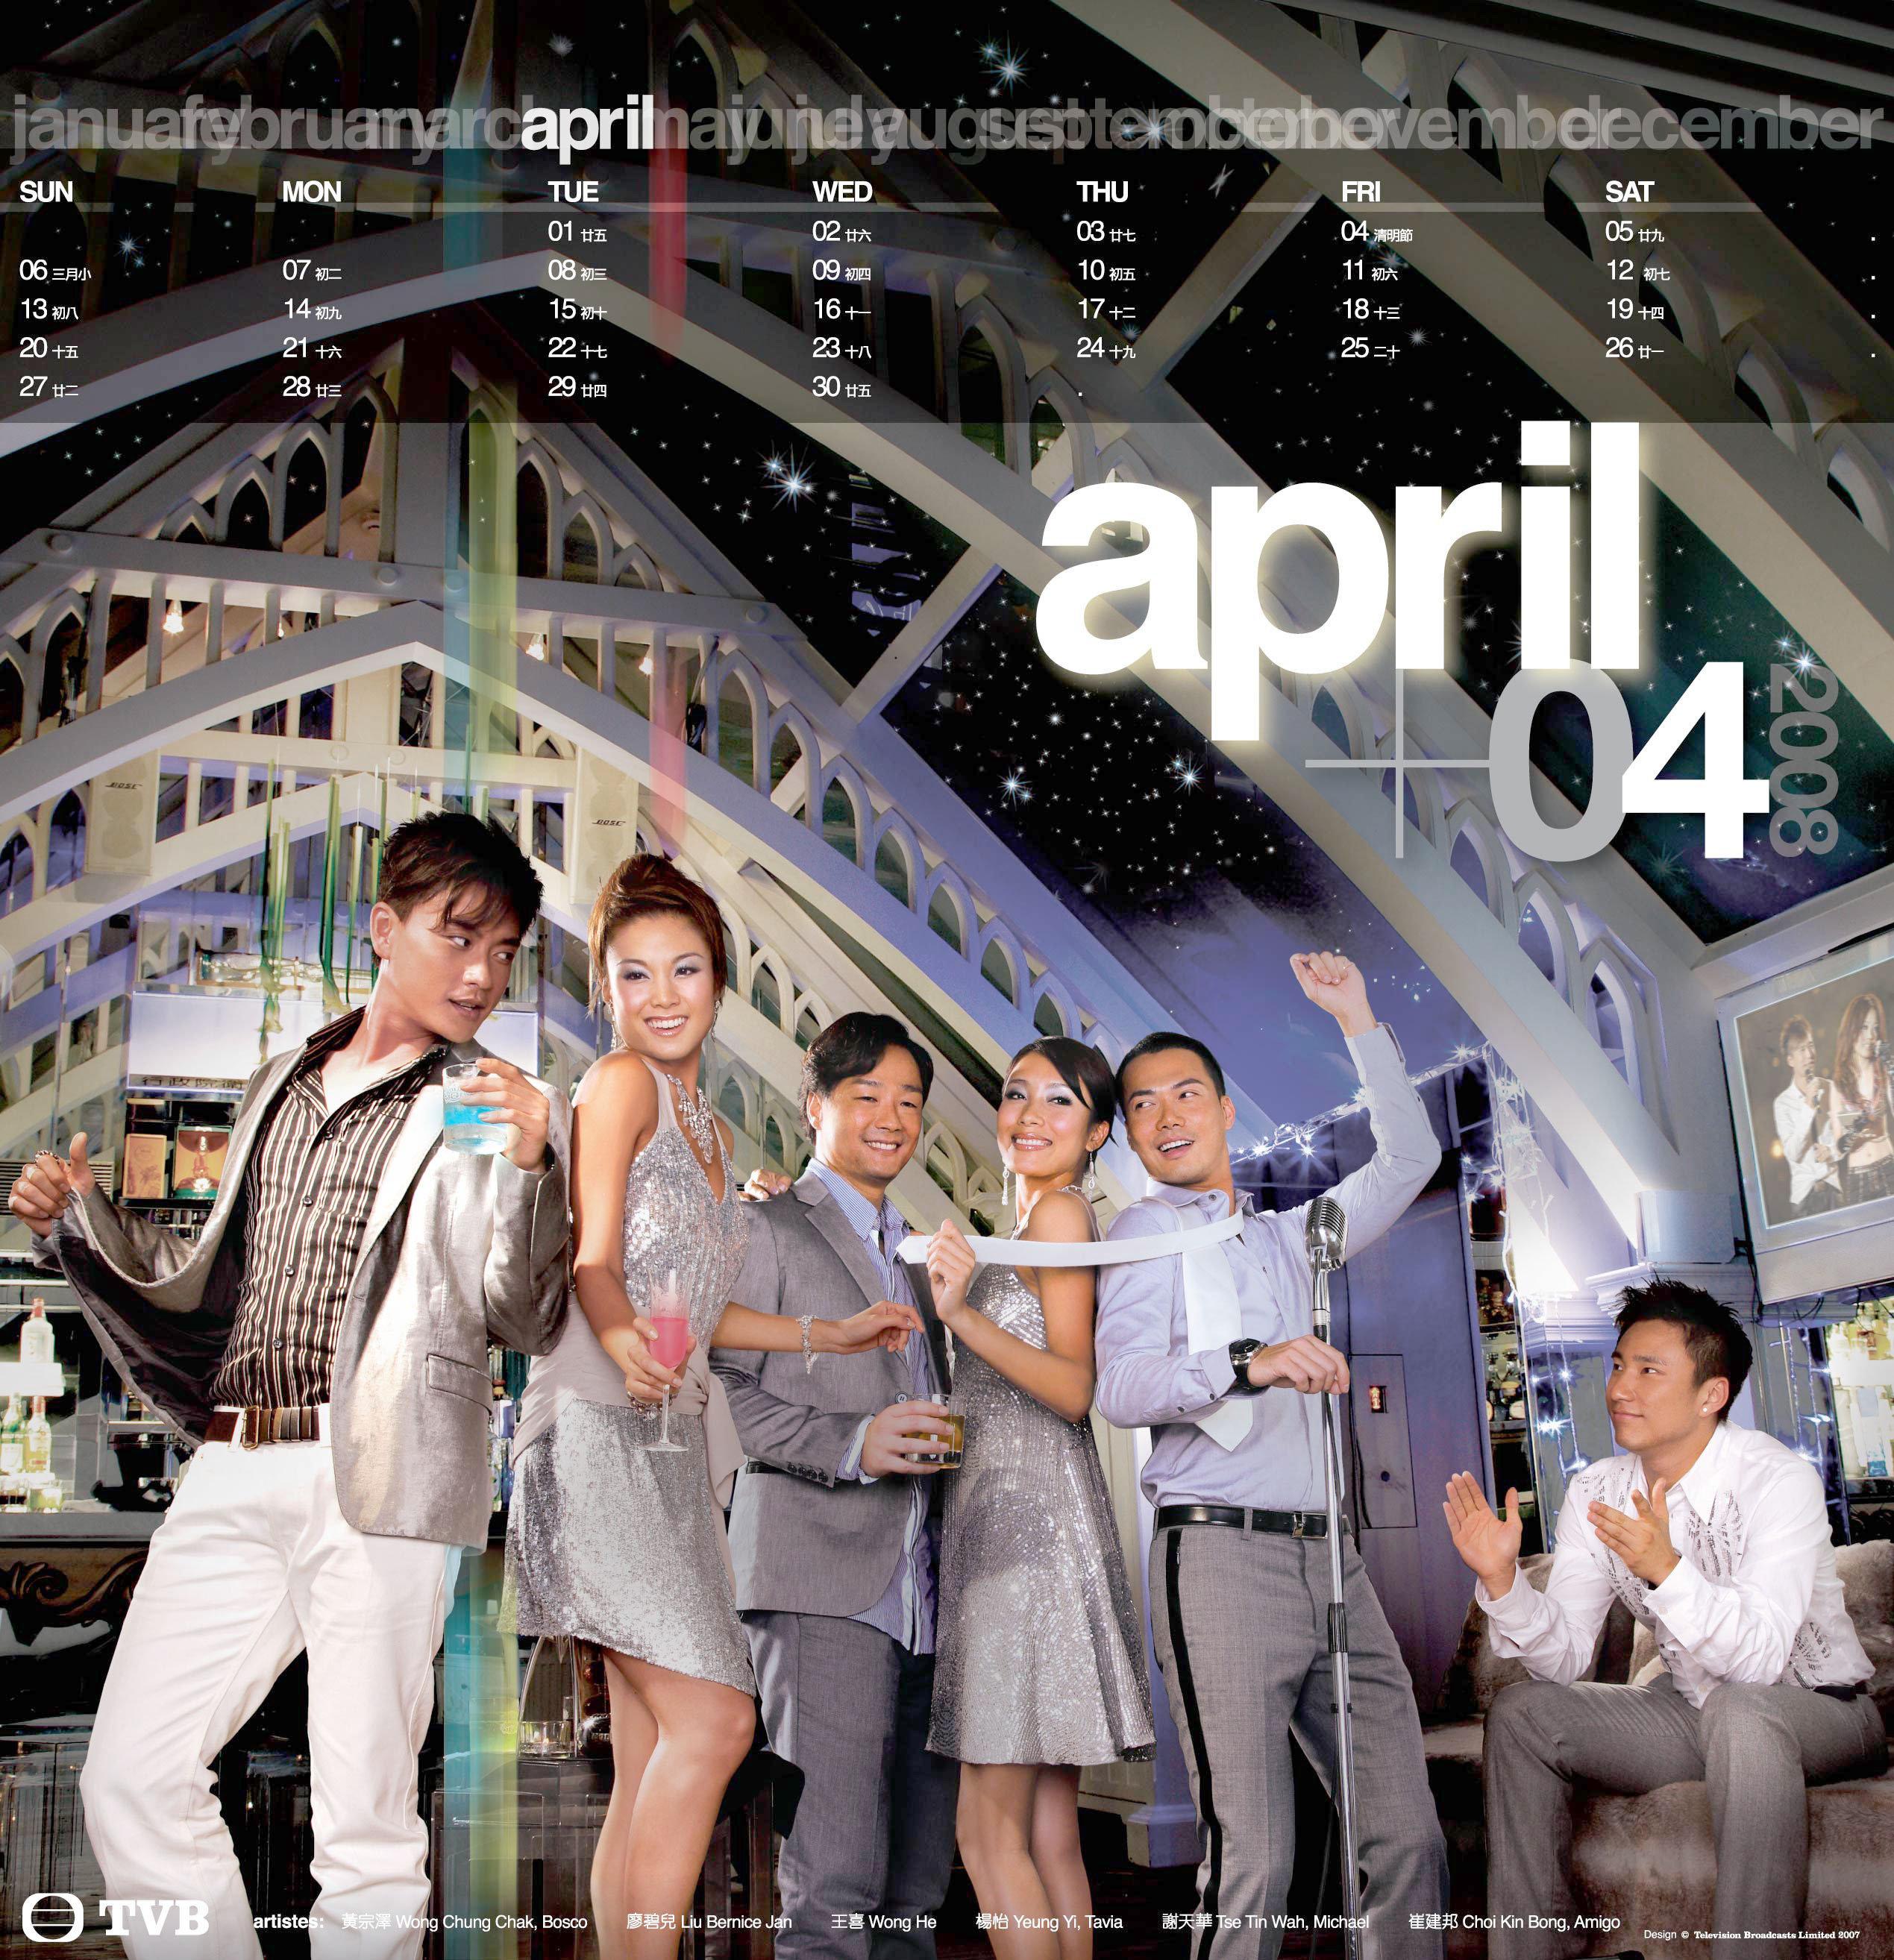 Hong Kong TVB calendar April 2008